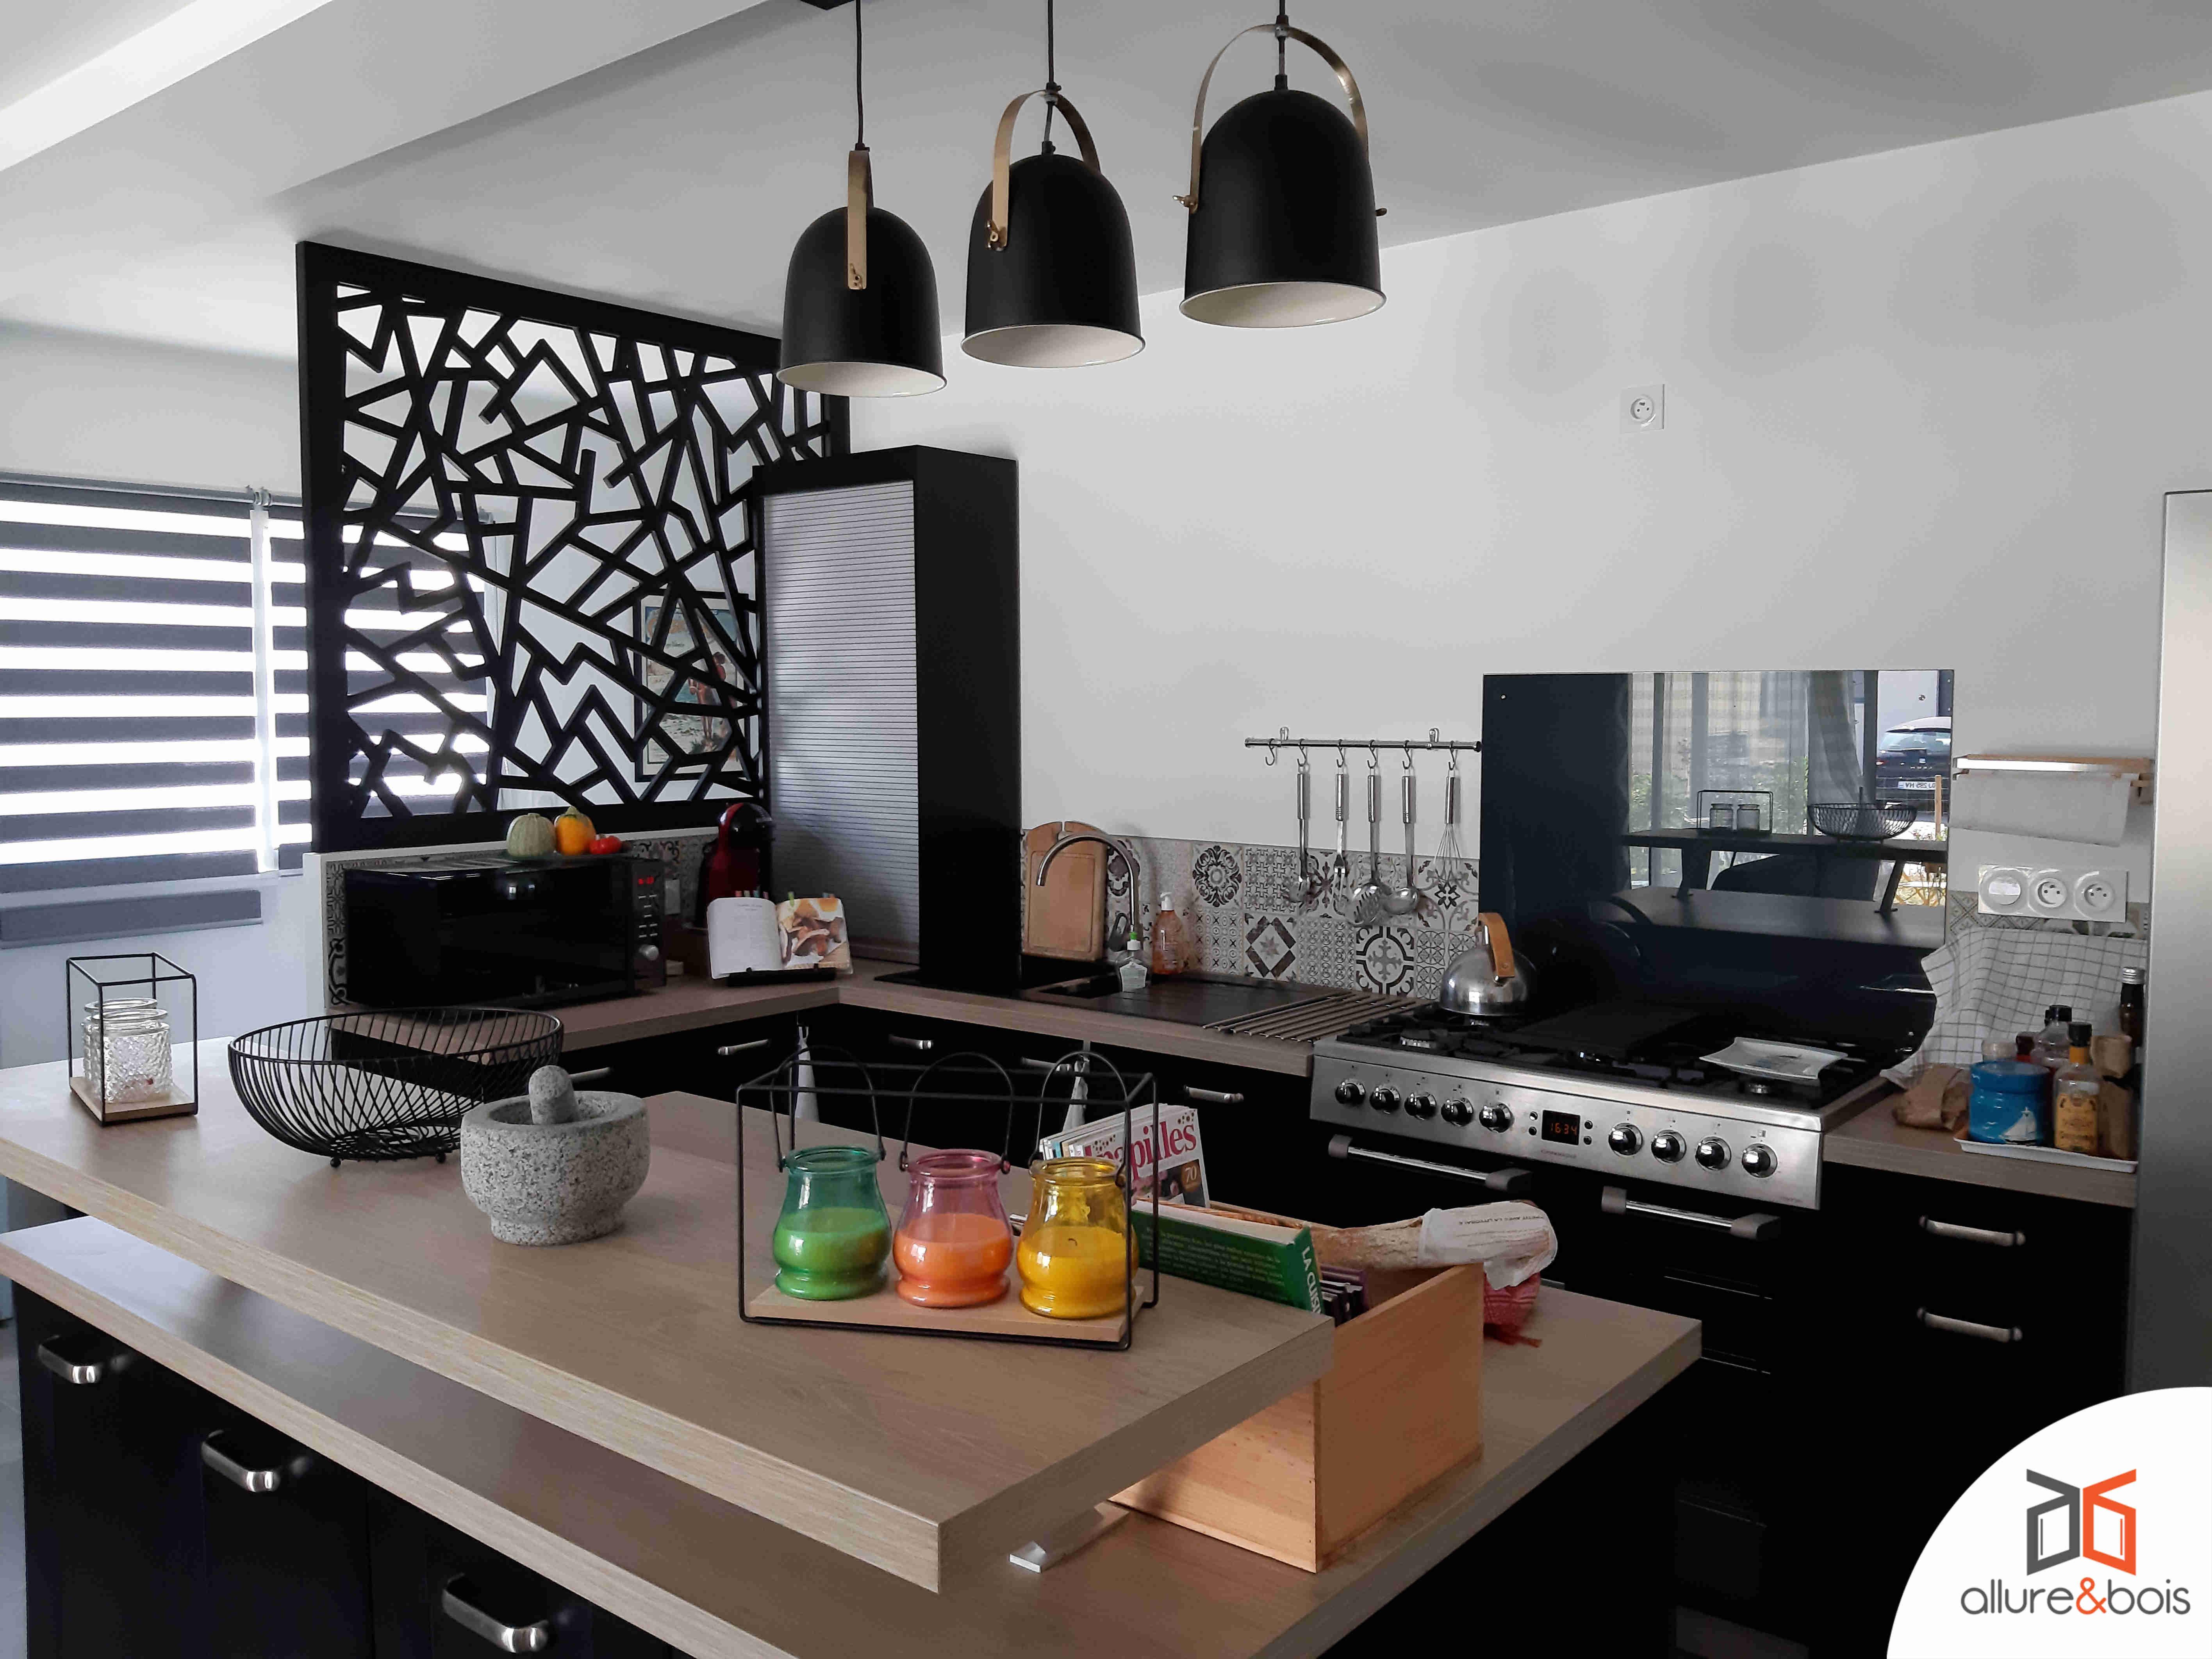 Claustra électrique aléatoire pour votre cuisine